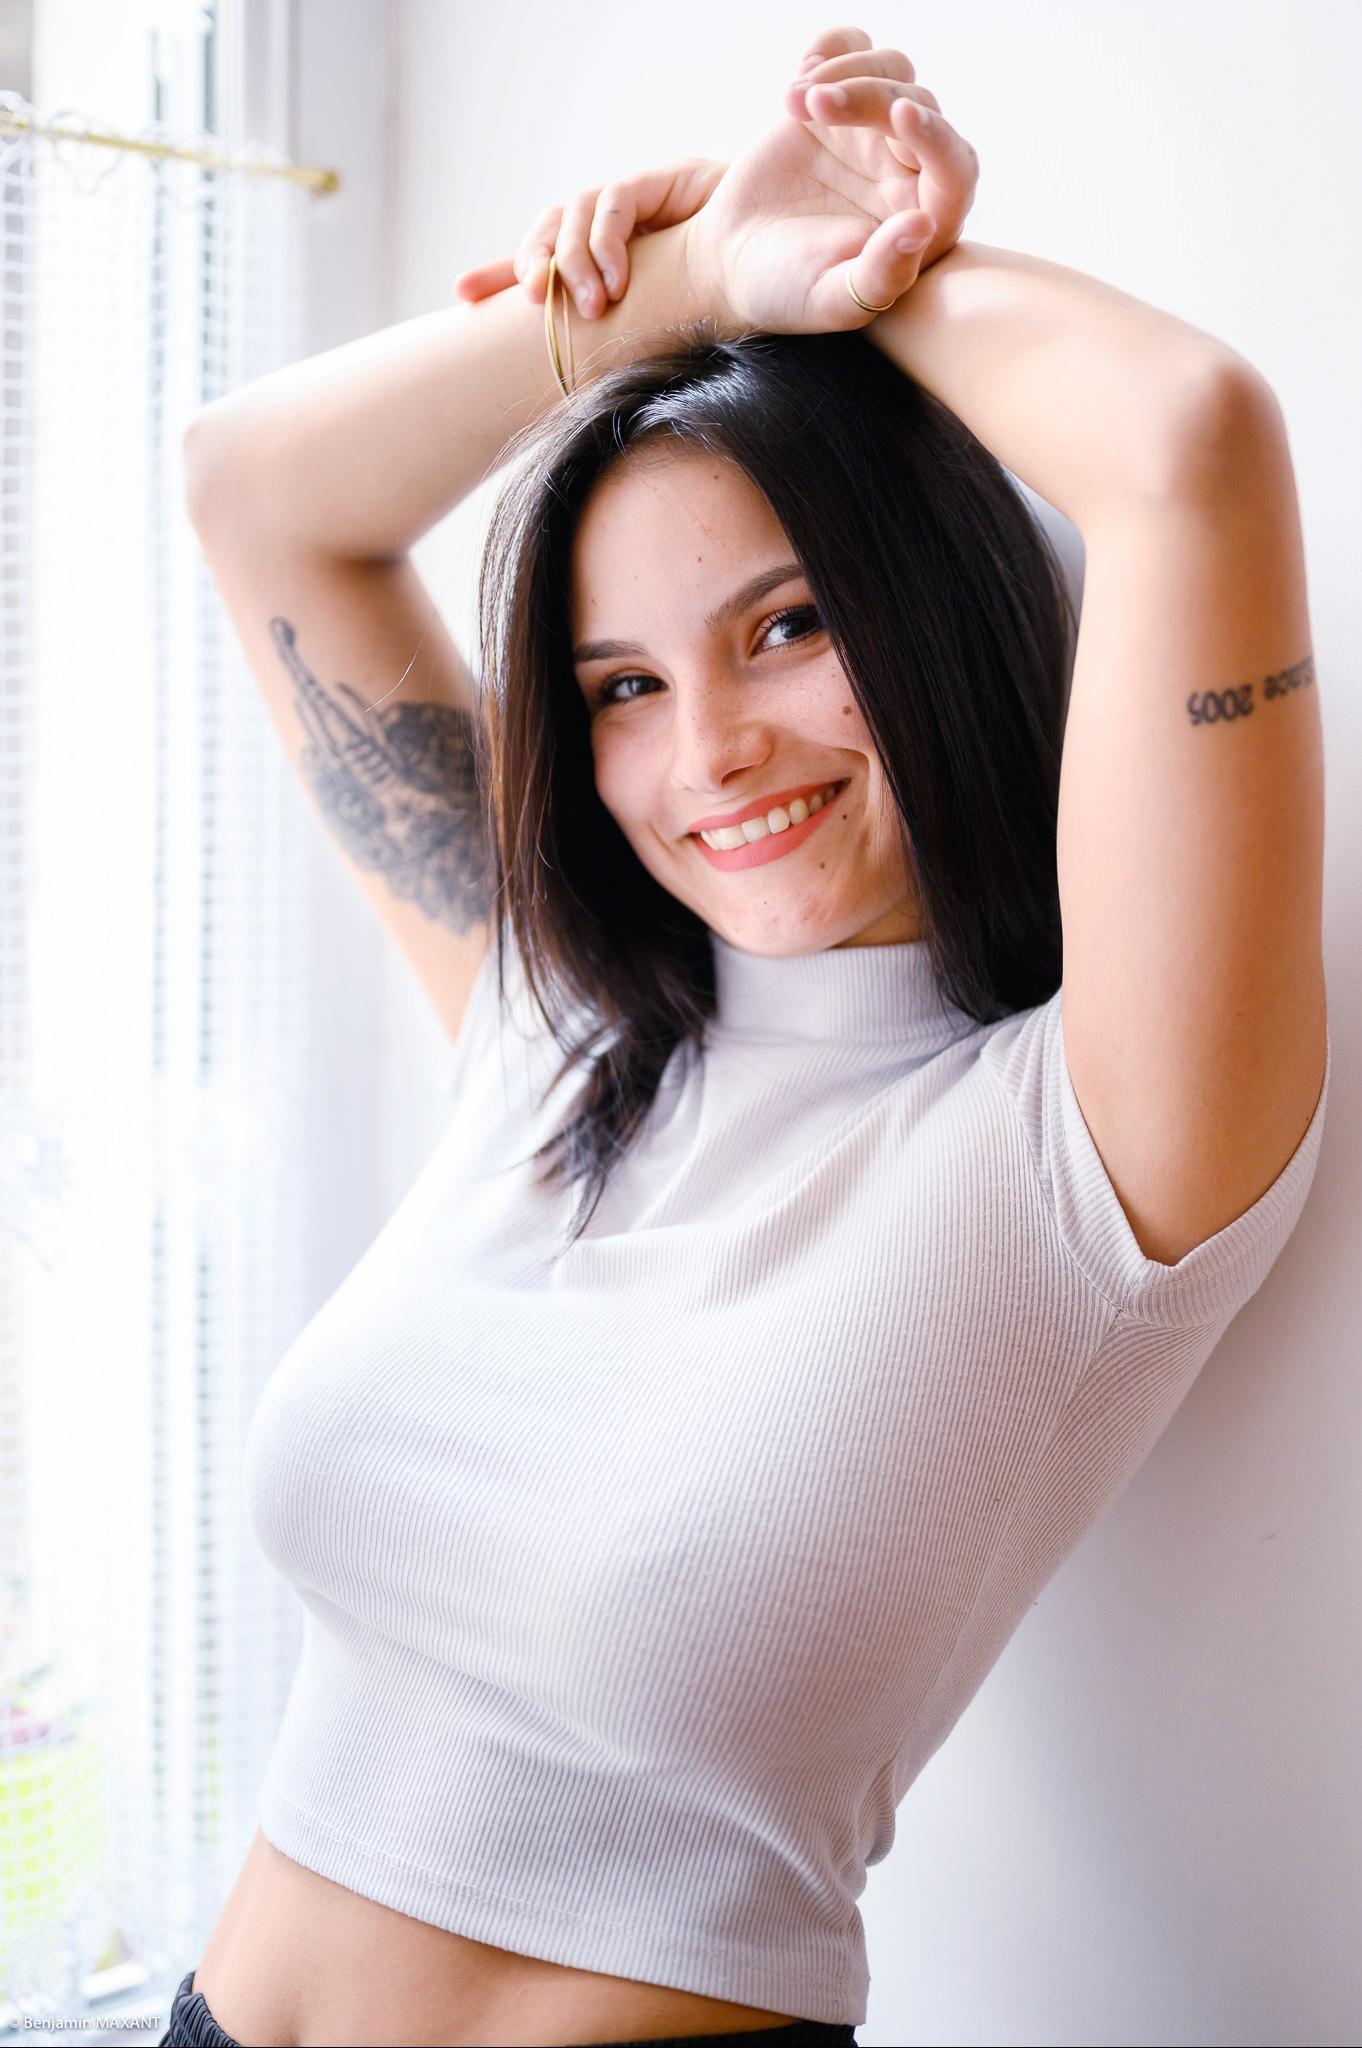 Séance photo boudoir avec Léa haut blanc moulant sourire tattoo